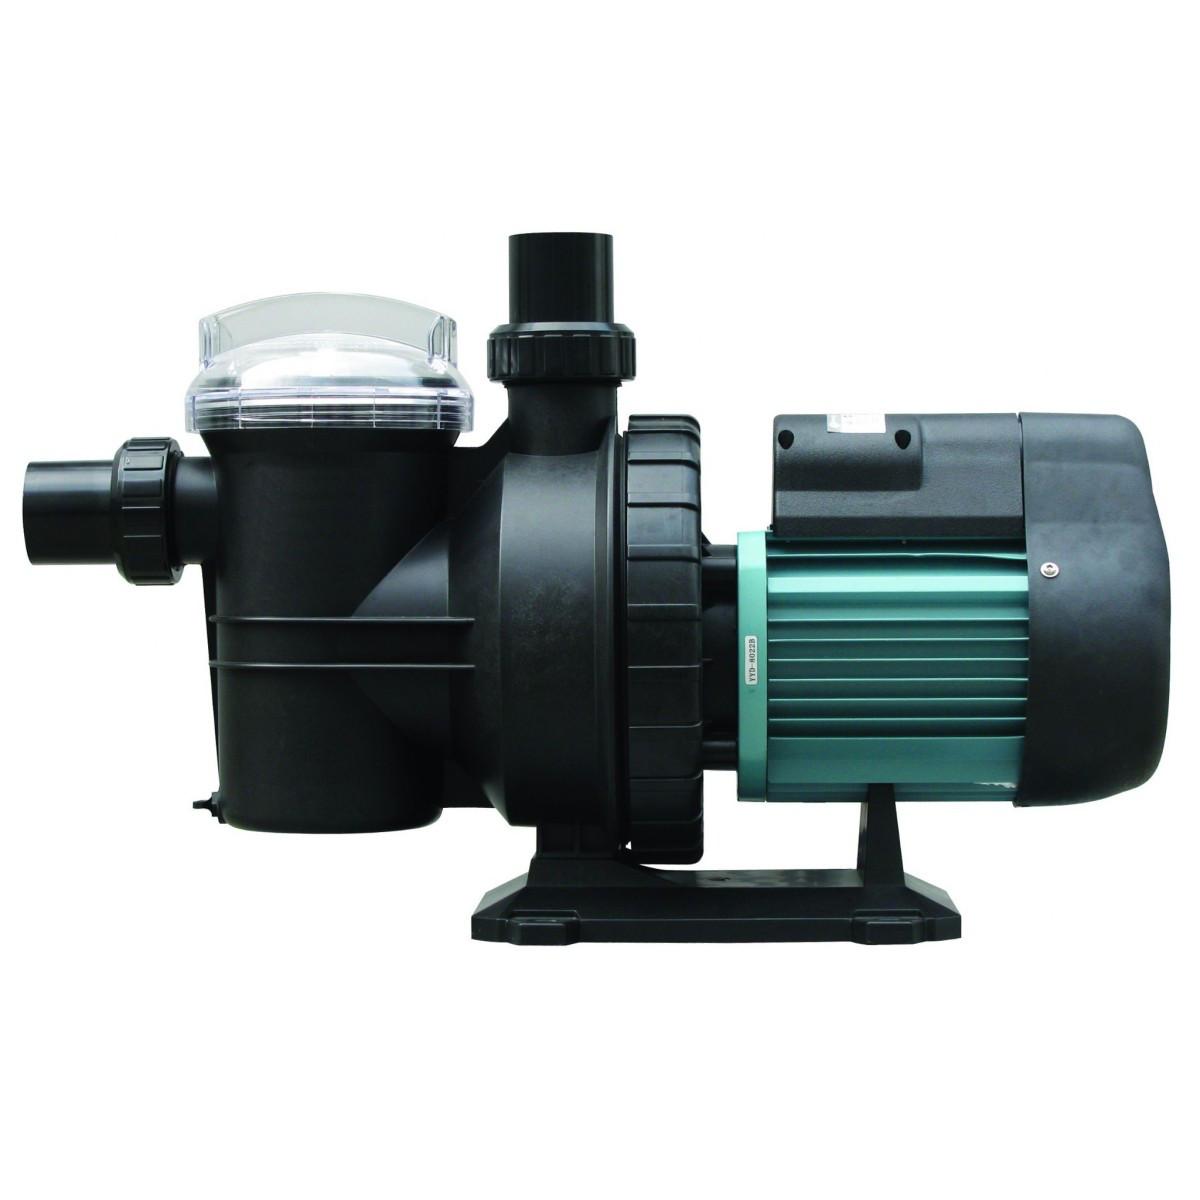 Насос Emaux SC100 (220В, 17 м³/час, 1HP), для бассейнов объёмом до 68 000 л